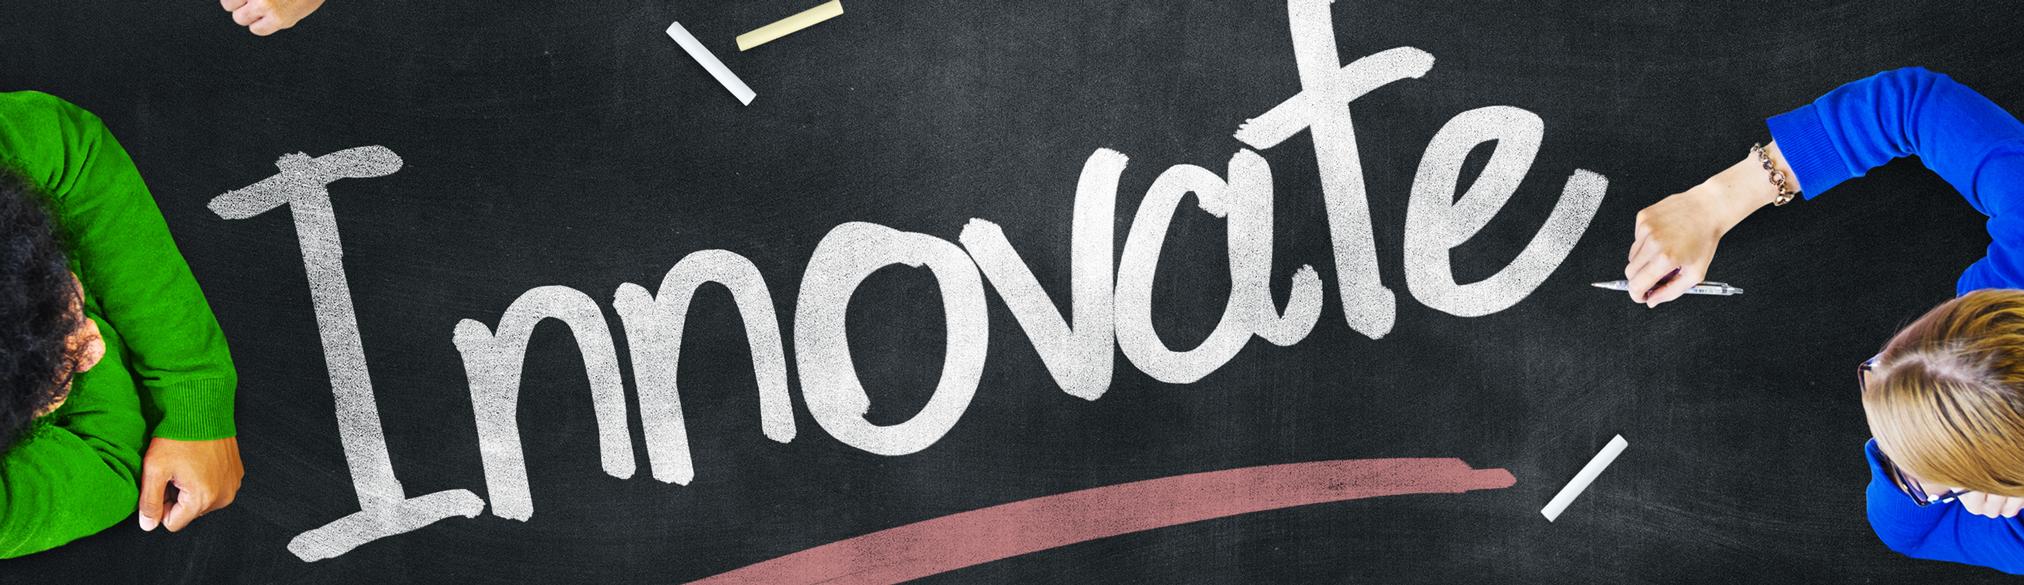 Innovate-STEM-STEAM-education-2024-1118